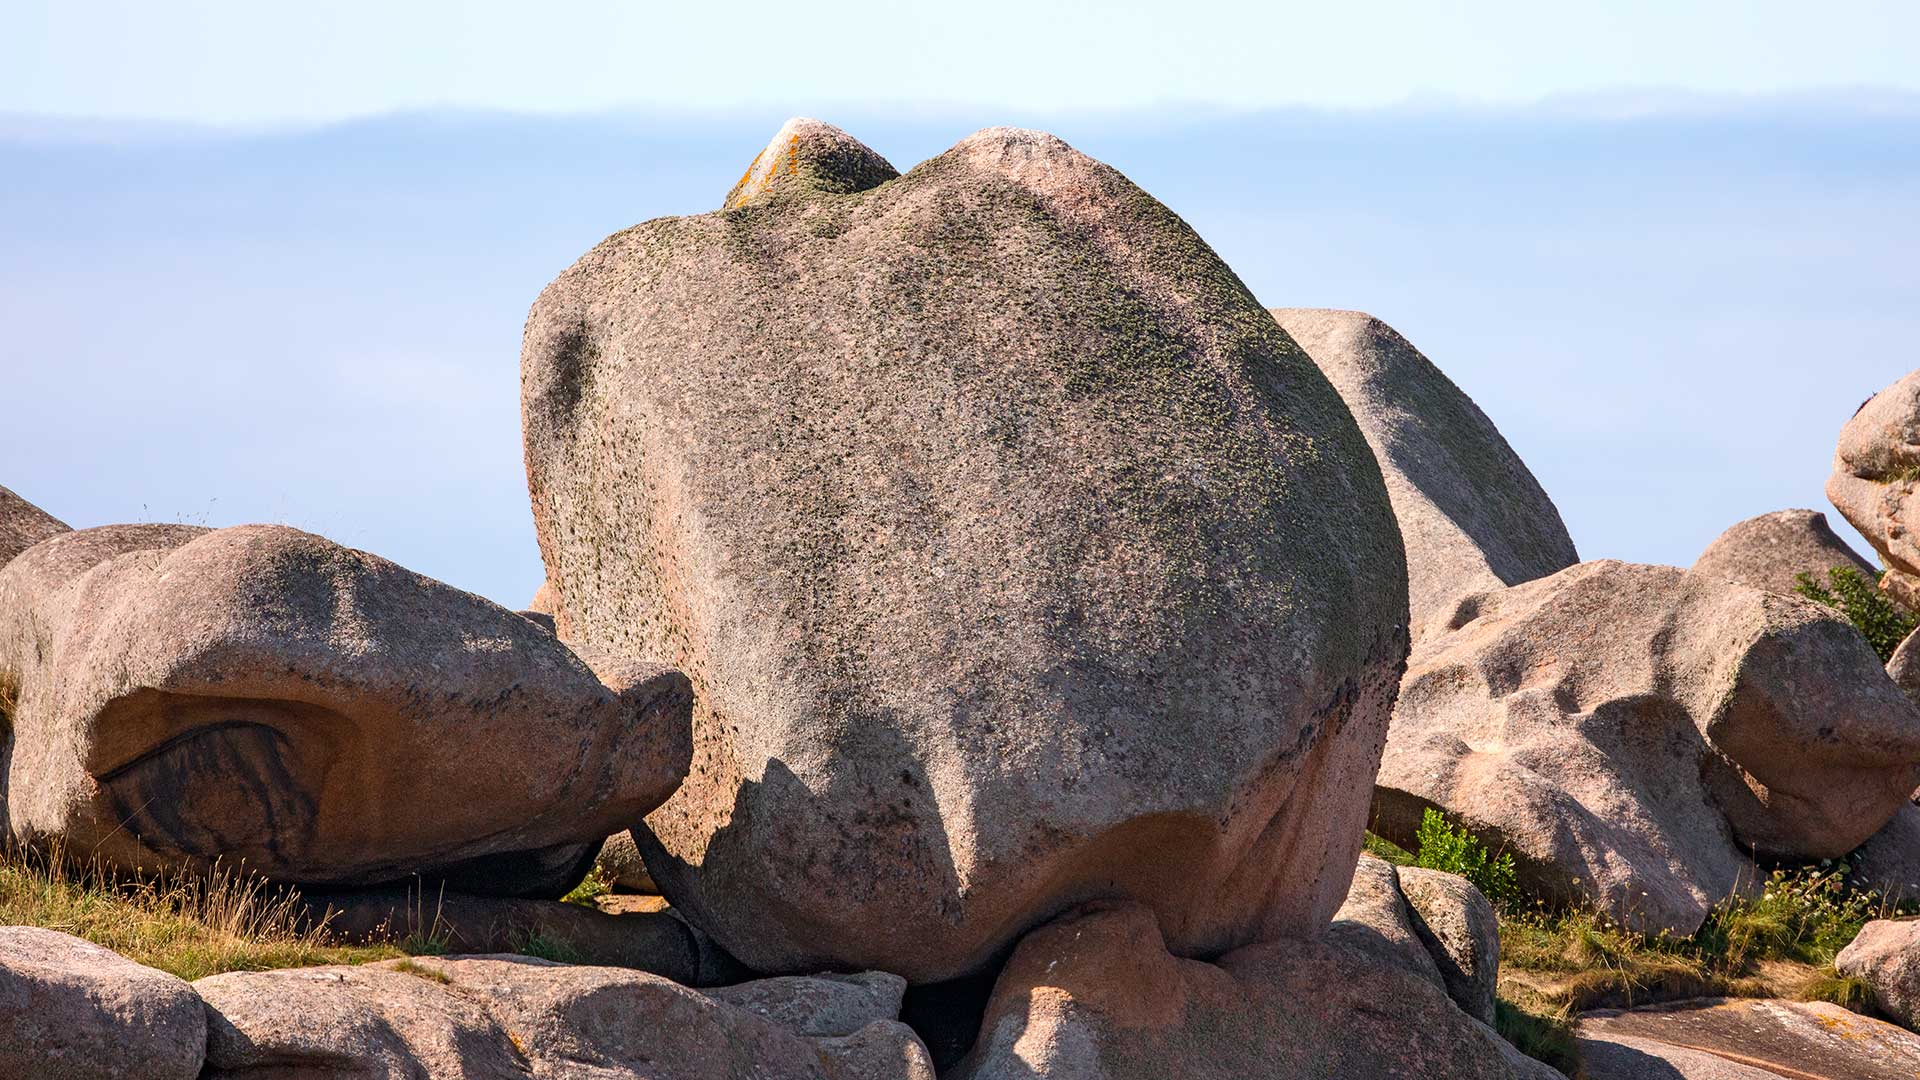 Landschaftsfotografie: Côte de Granit Rose – Granit-Rose-Paprika | Foto: Dieter Eikenberg, imprints